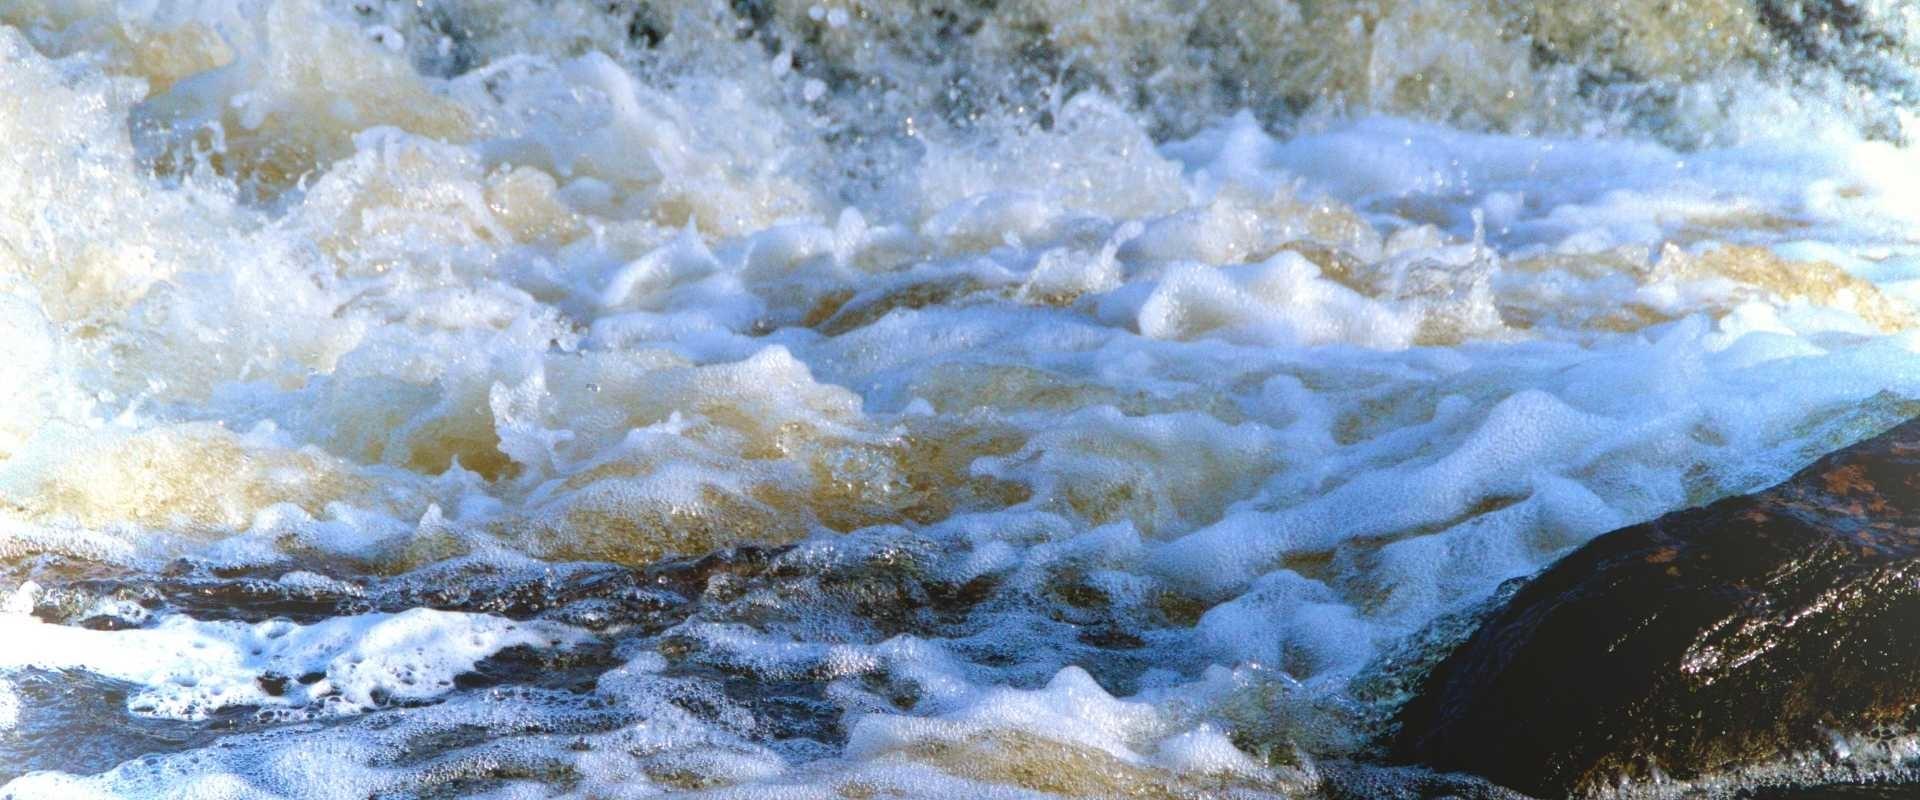 Vattenfall, groene stroom uit Zweden